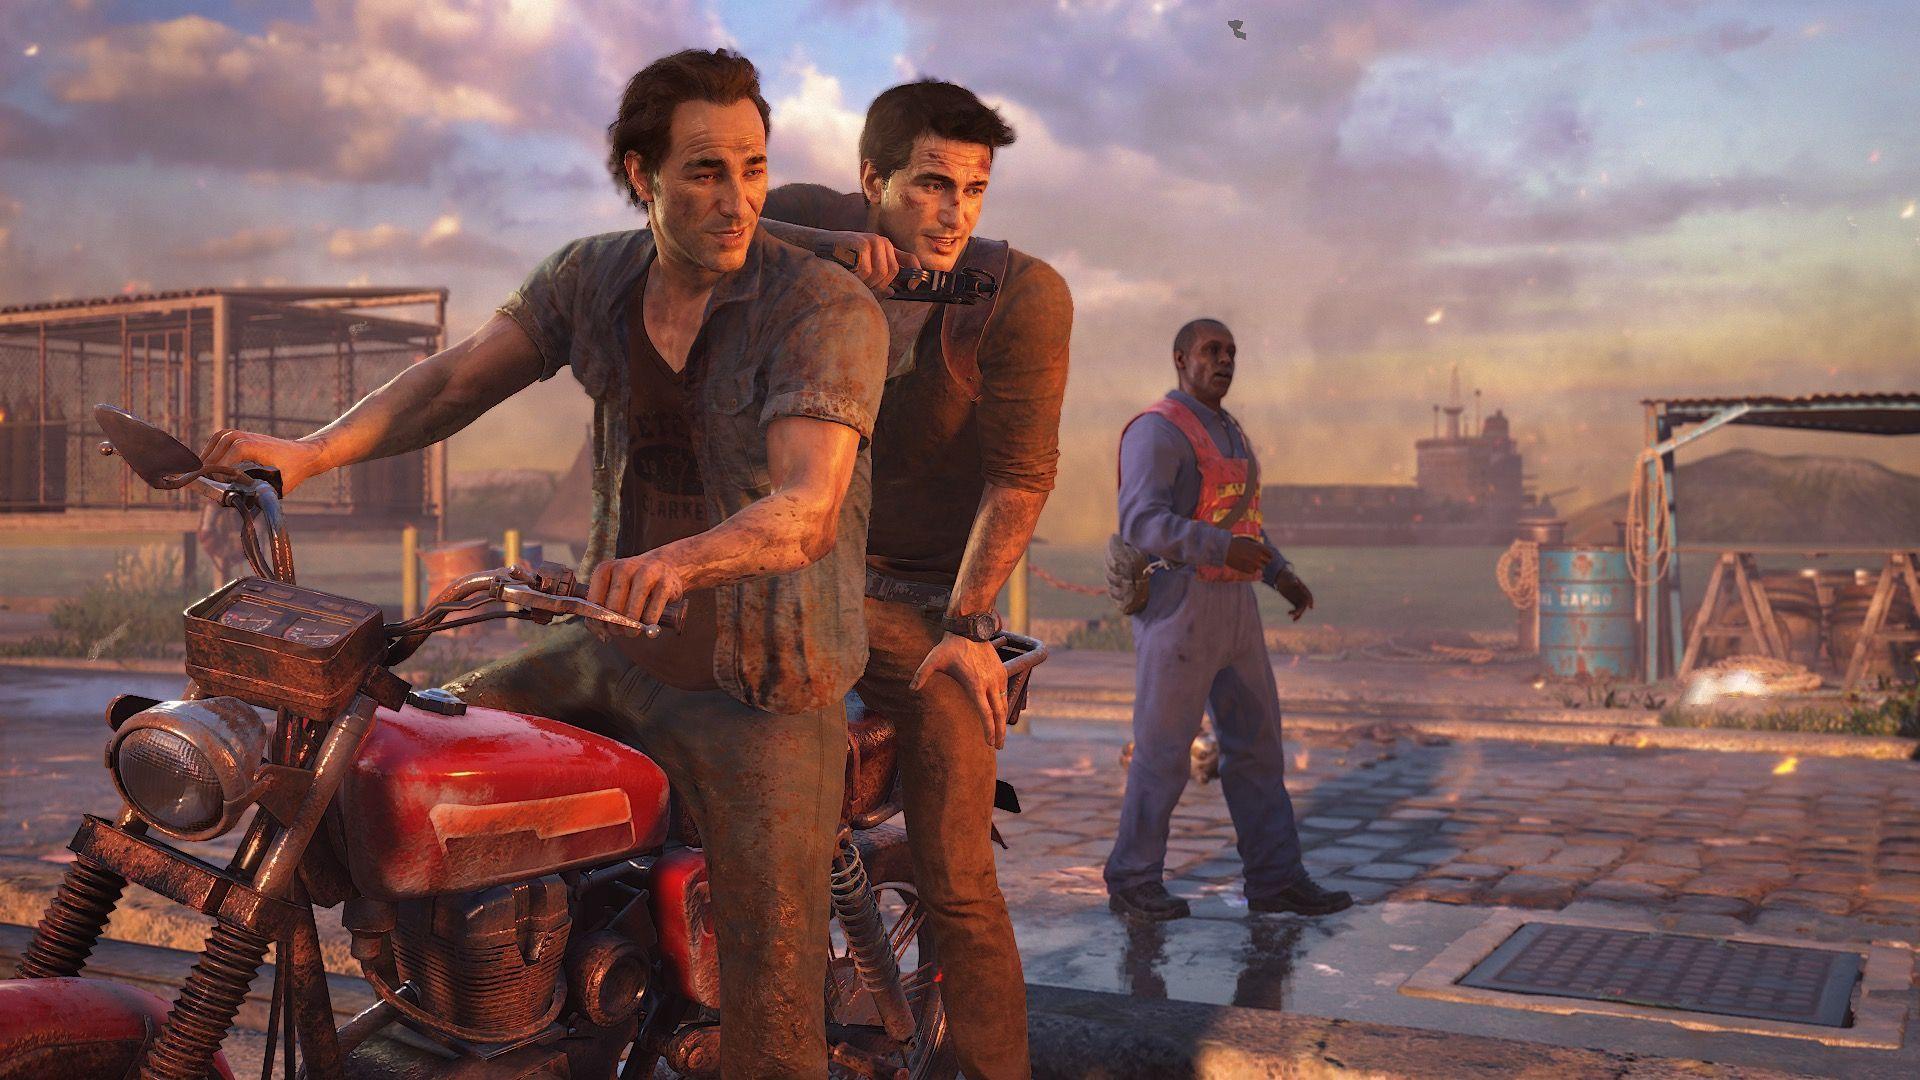 ¿Cuáles son las mayores novedades en cuánto a gameplay?